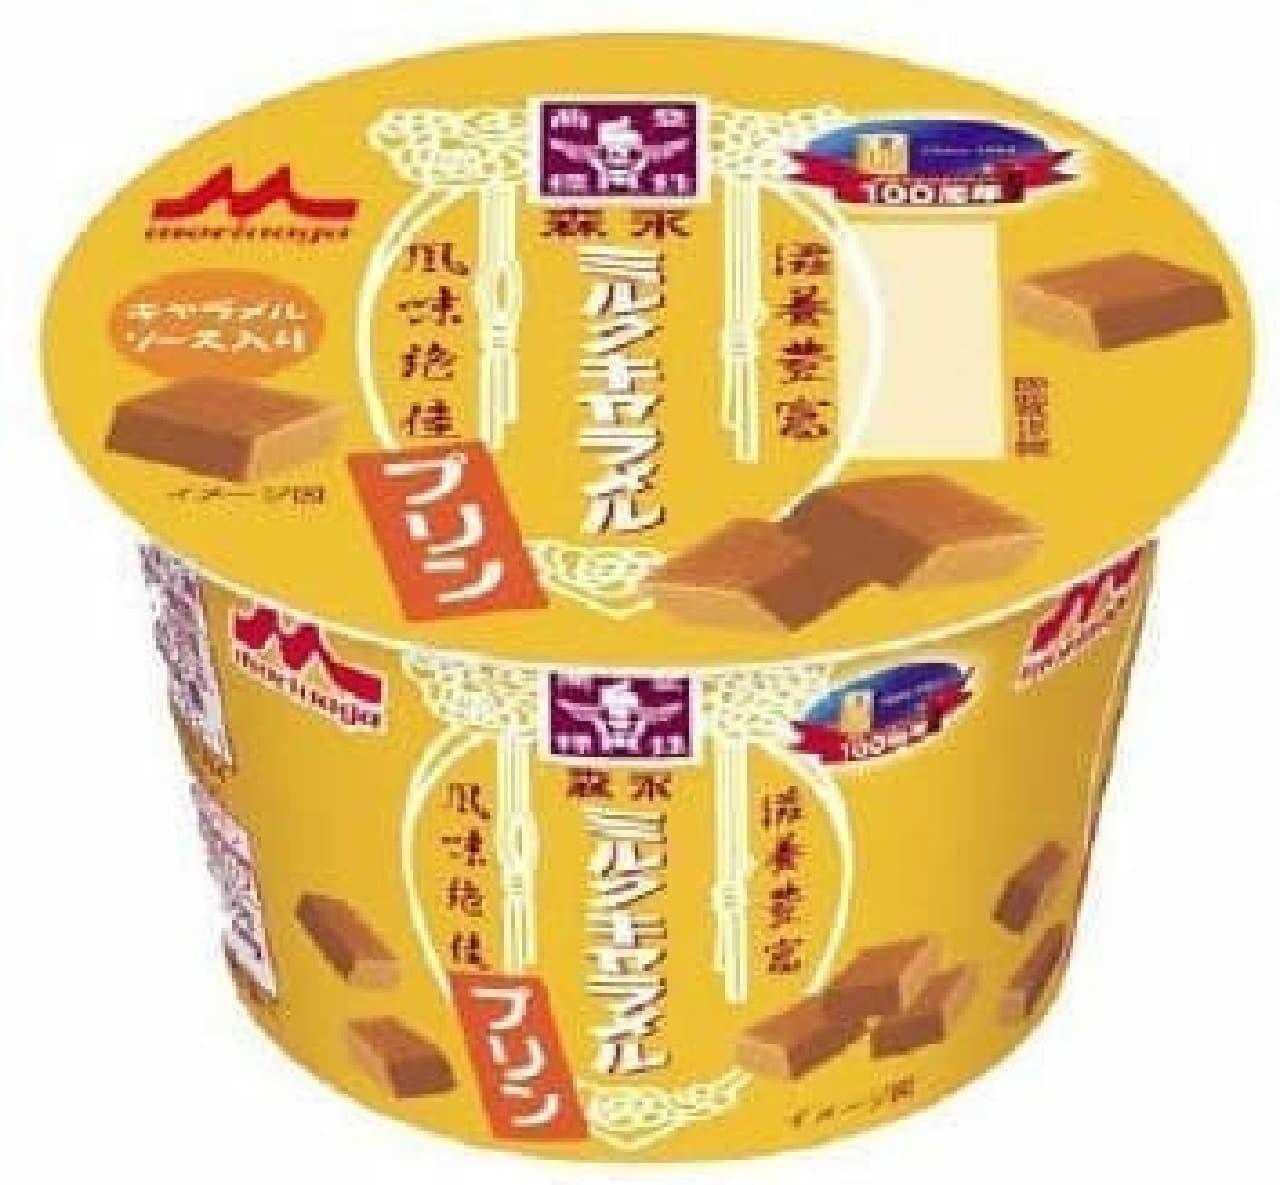 パッケージはおなじみ「森永ミルクキャラメル」のデザイン